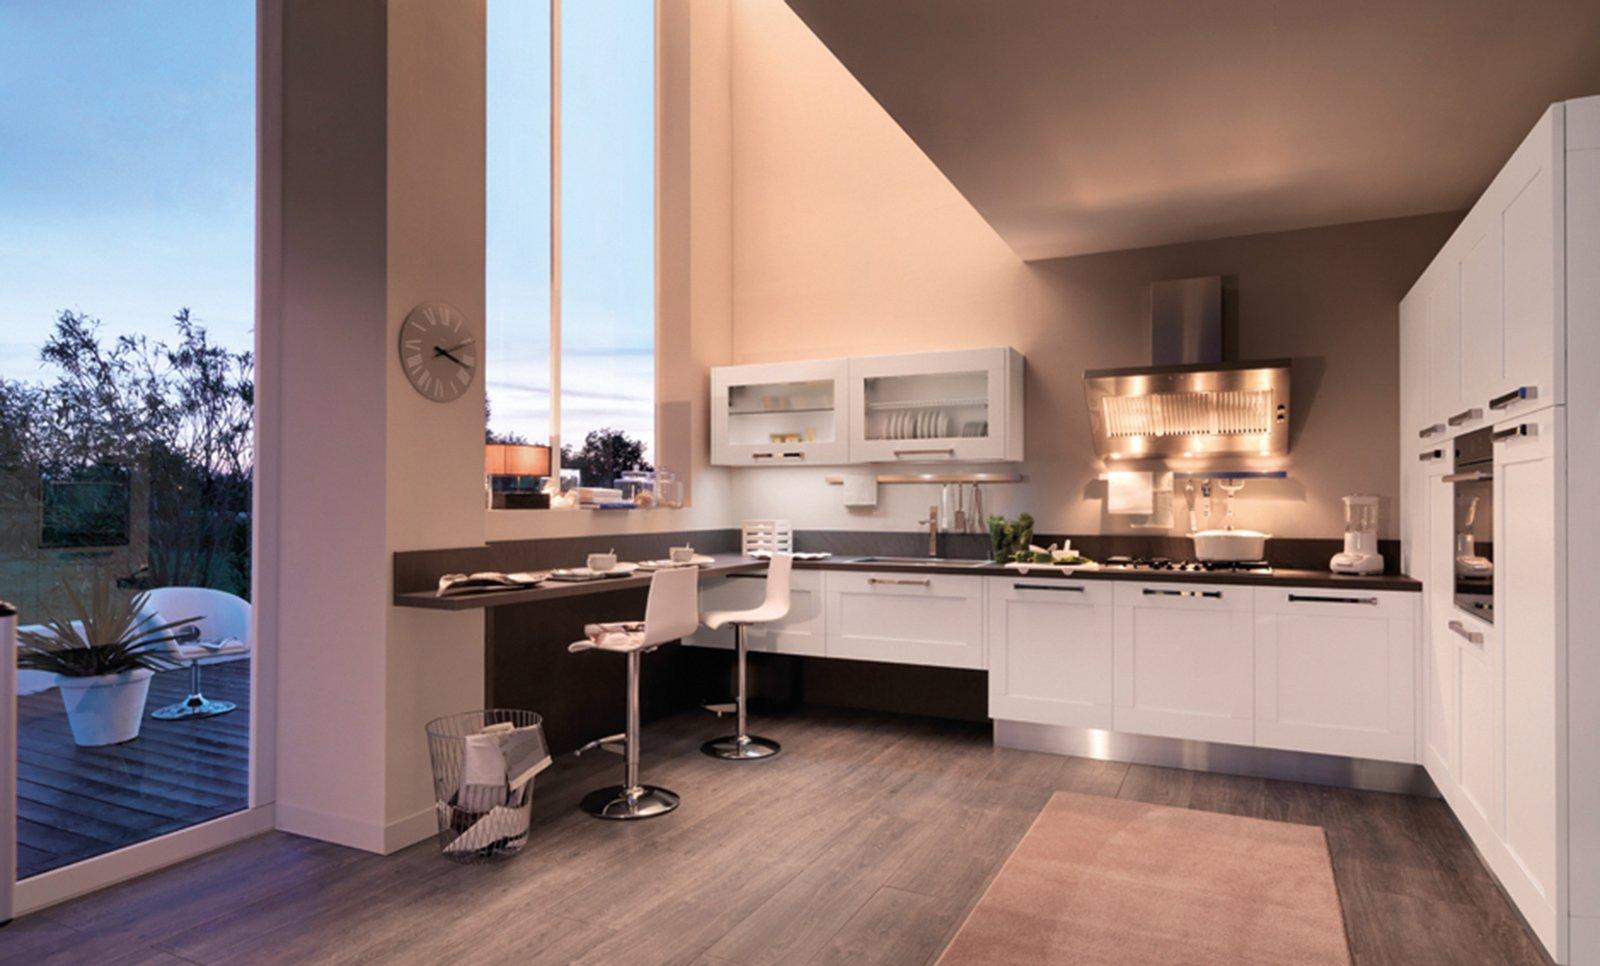 Cucina tante soluzioni per illuminarla cose di casa for Cucina moderna in ciliegio